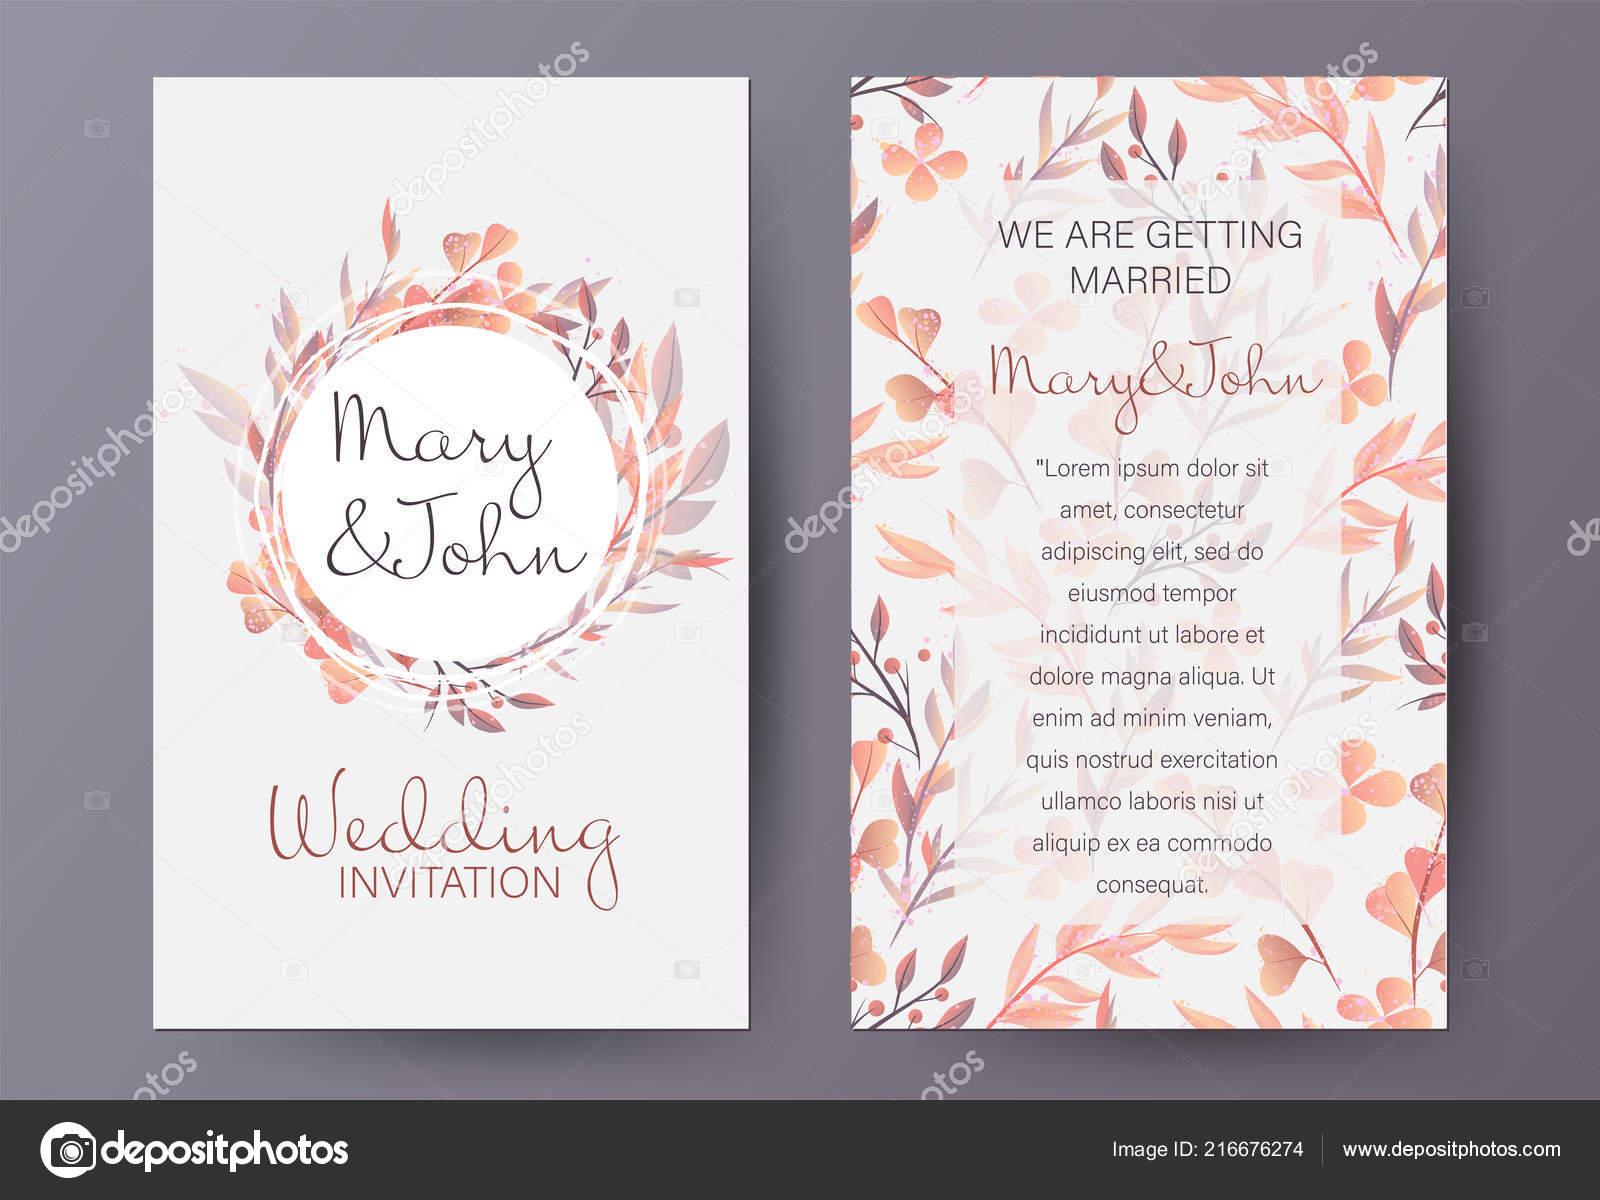 Retro Stil Hochzeit Einladung Vorlage Mit Naturlichen Herbst Muster